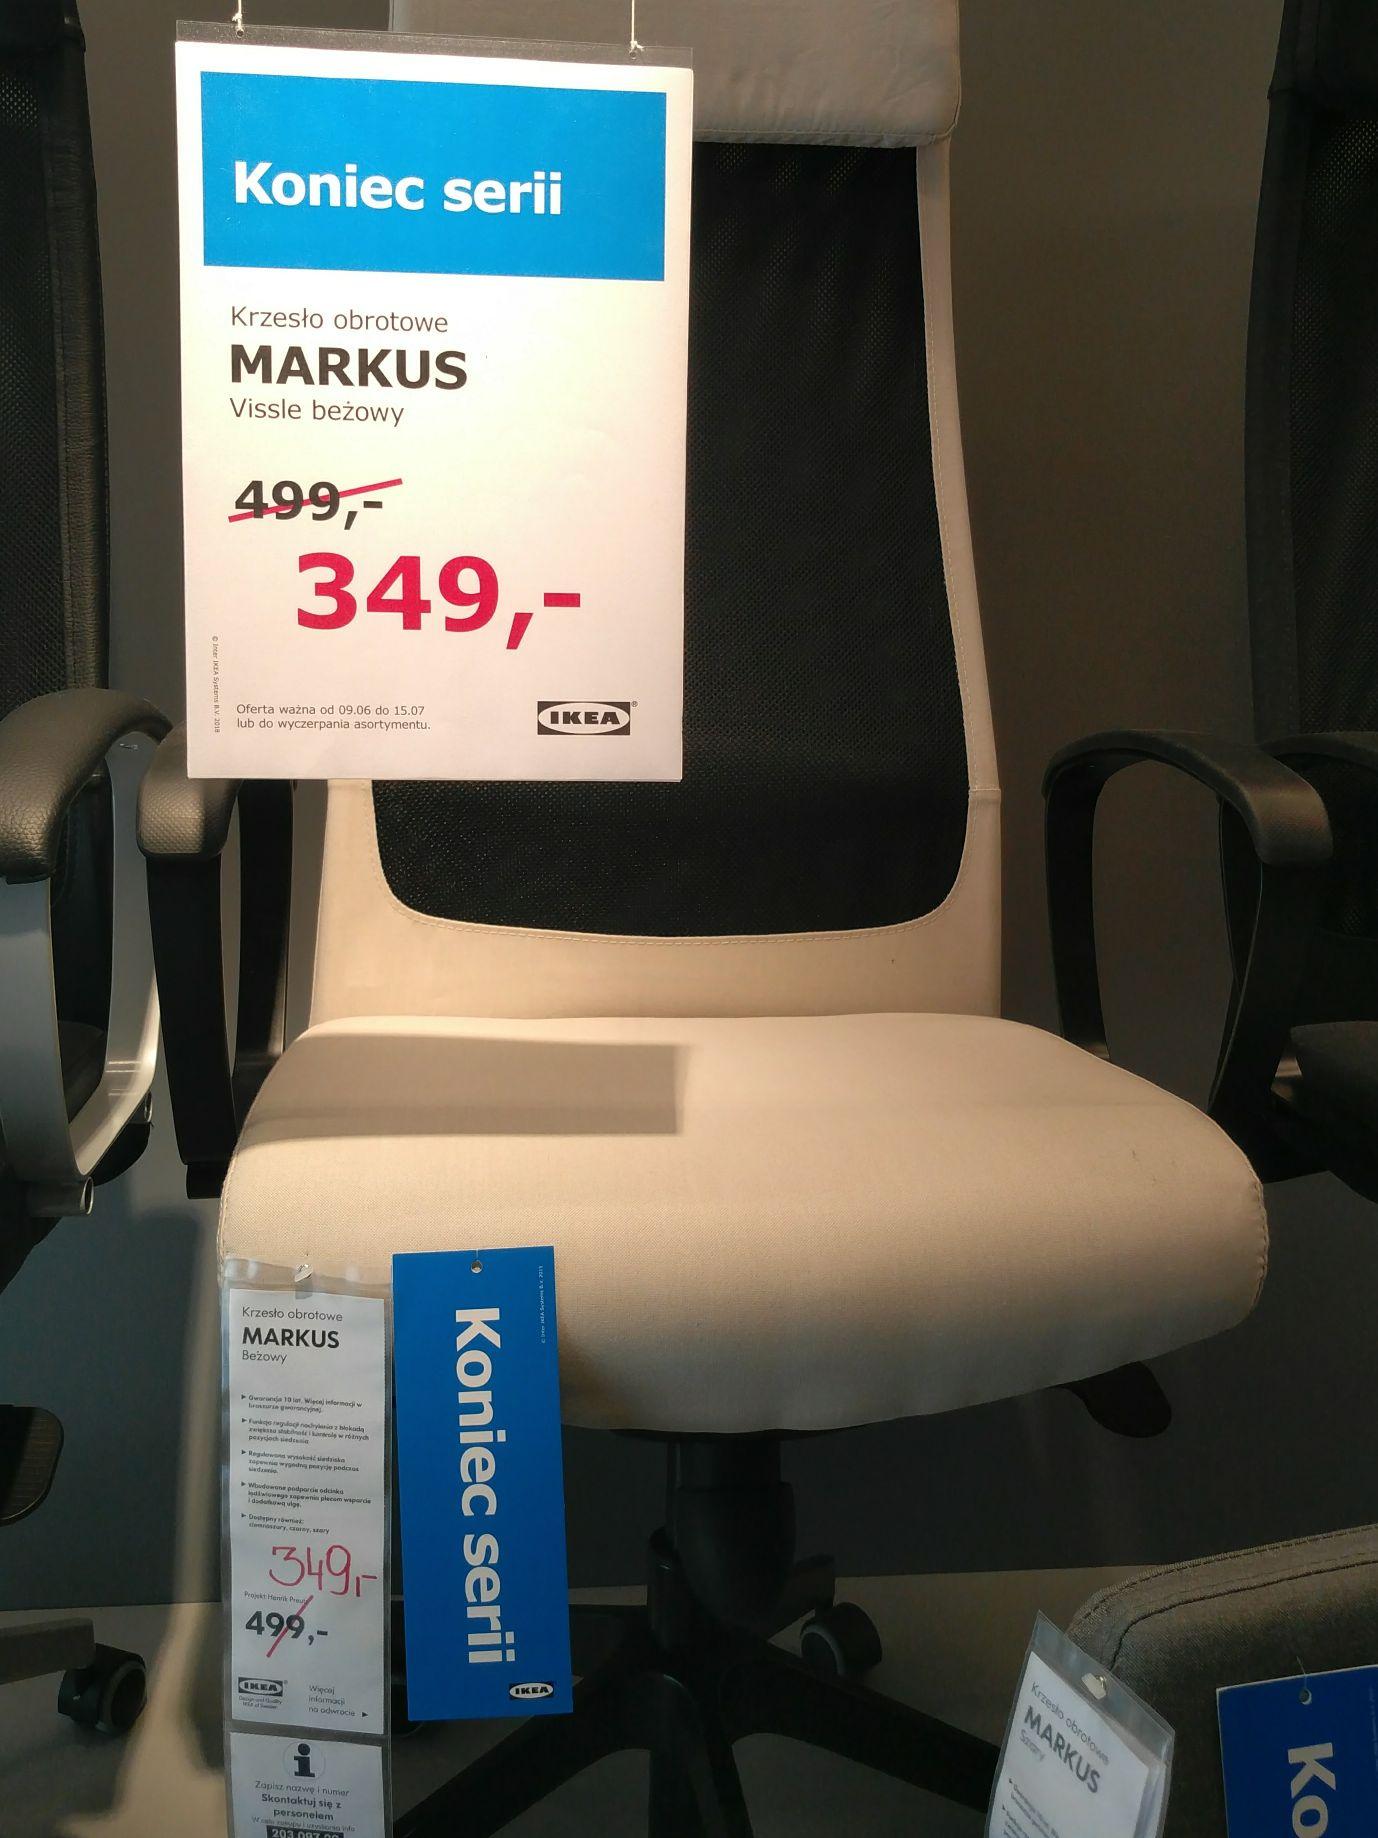 Krzesło Markus, kolor beżowy - Ikea Lublin 349zł